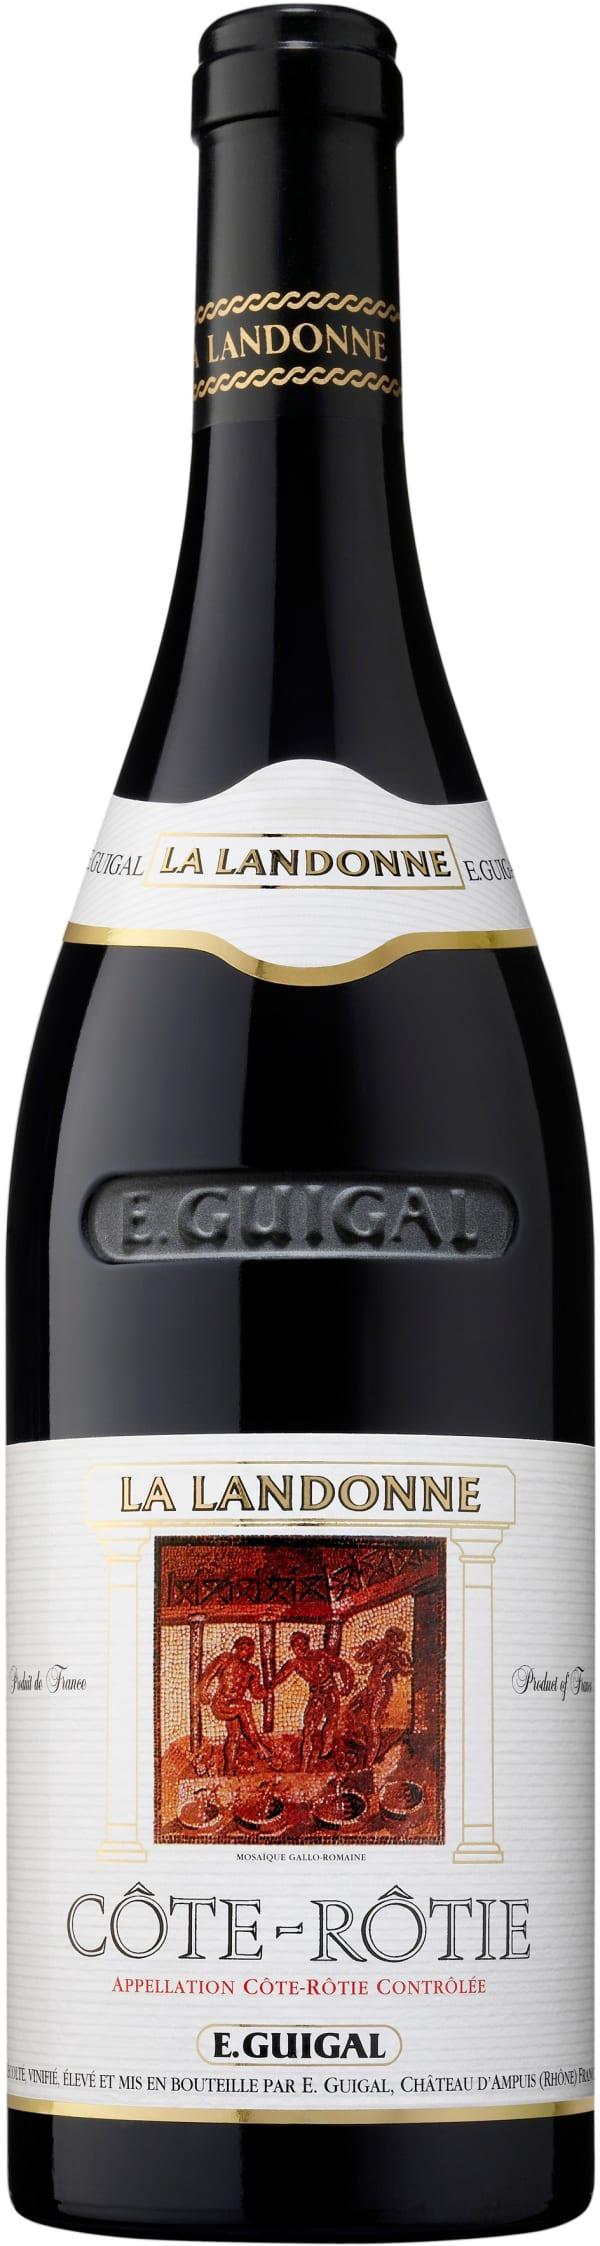 Guigal Côte-Rôtie La Landonne 2015